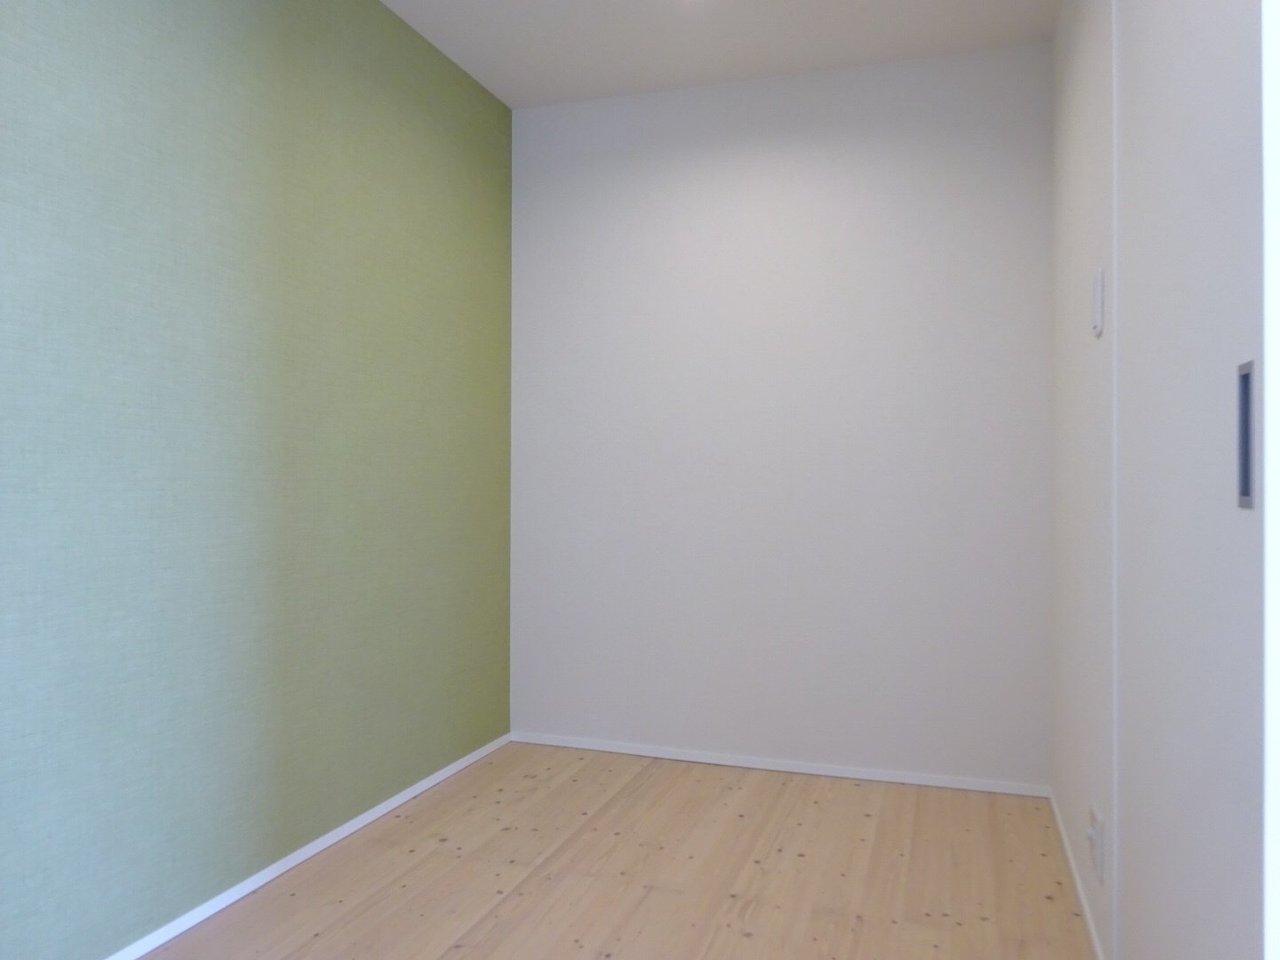 洋室は3.4畳とややコンパクトですが、収納スペースはかなり広いですよ。ダブルベッドがすっぽり入るサイズですね。グリーンの壁紙も、気持ちを明るくしてくれそうです。